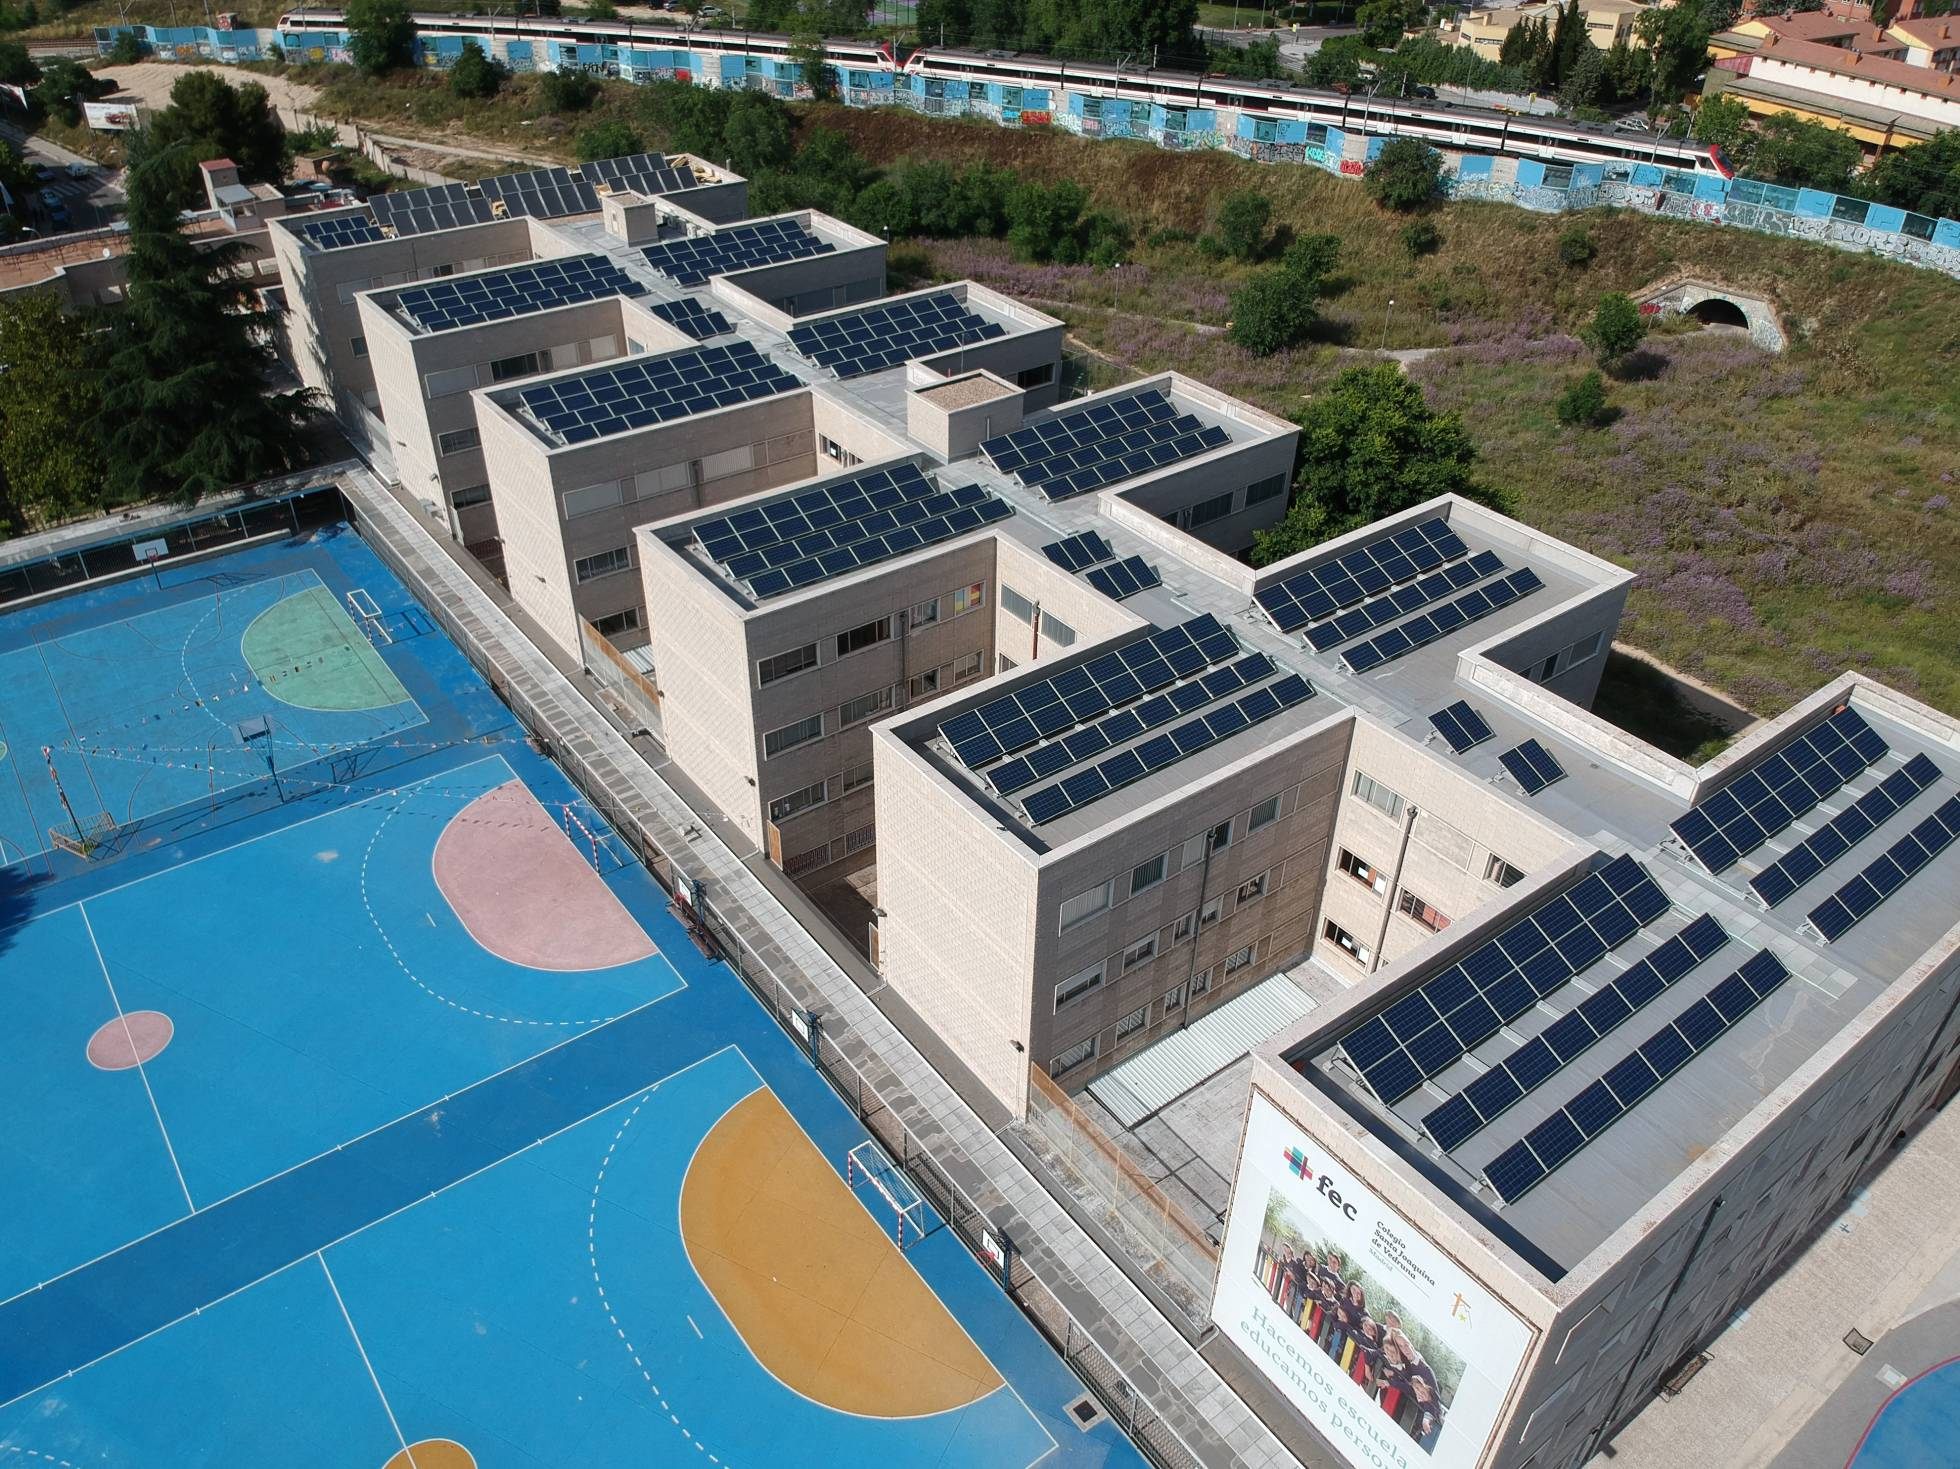 Vista de los paneles solares (86,9 kWp) instalados en el Colegio Santa Joaquina de Vedruna (Madrid), por la firma española Powen.